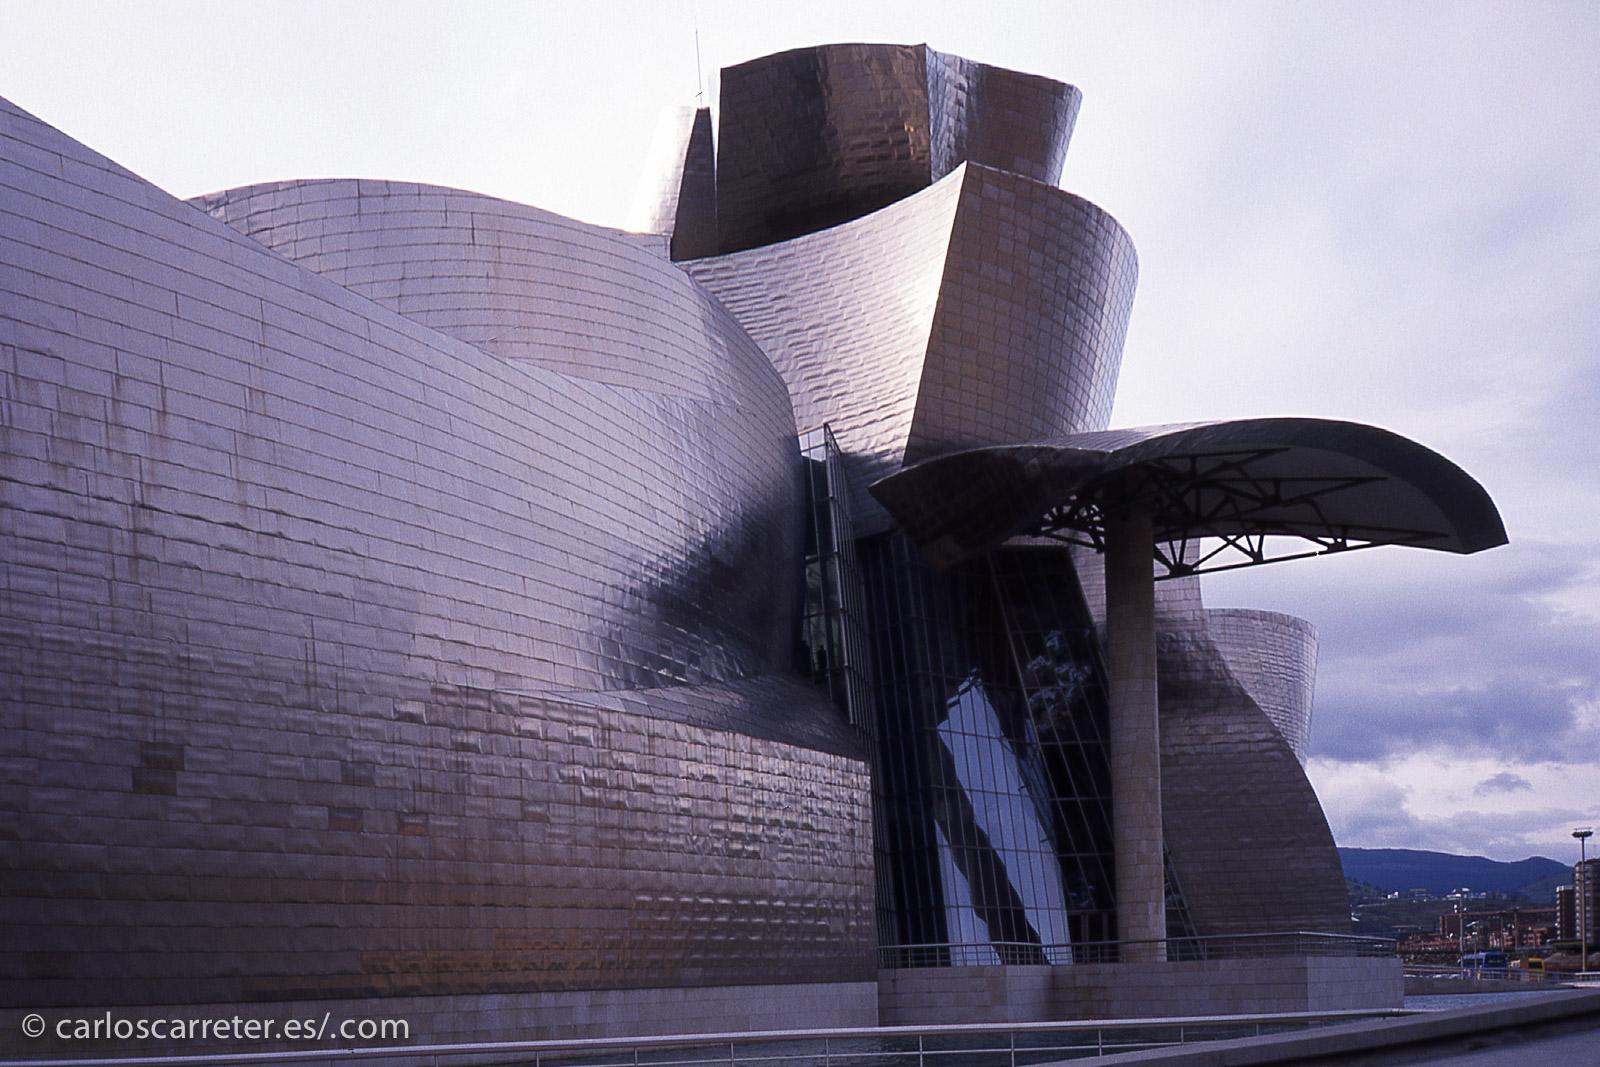 En aquel momento, el monumento actualmente más emblemático de Bilbao, el museo Guggenheim, llevaba poco tiempo abierto, y el poco tiempo libre del que dispuse en aquella visita de trabajo fue para visitarlo.